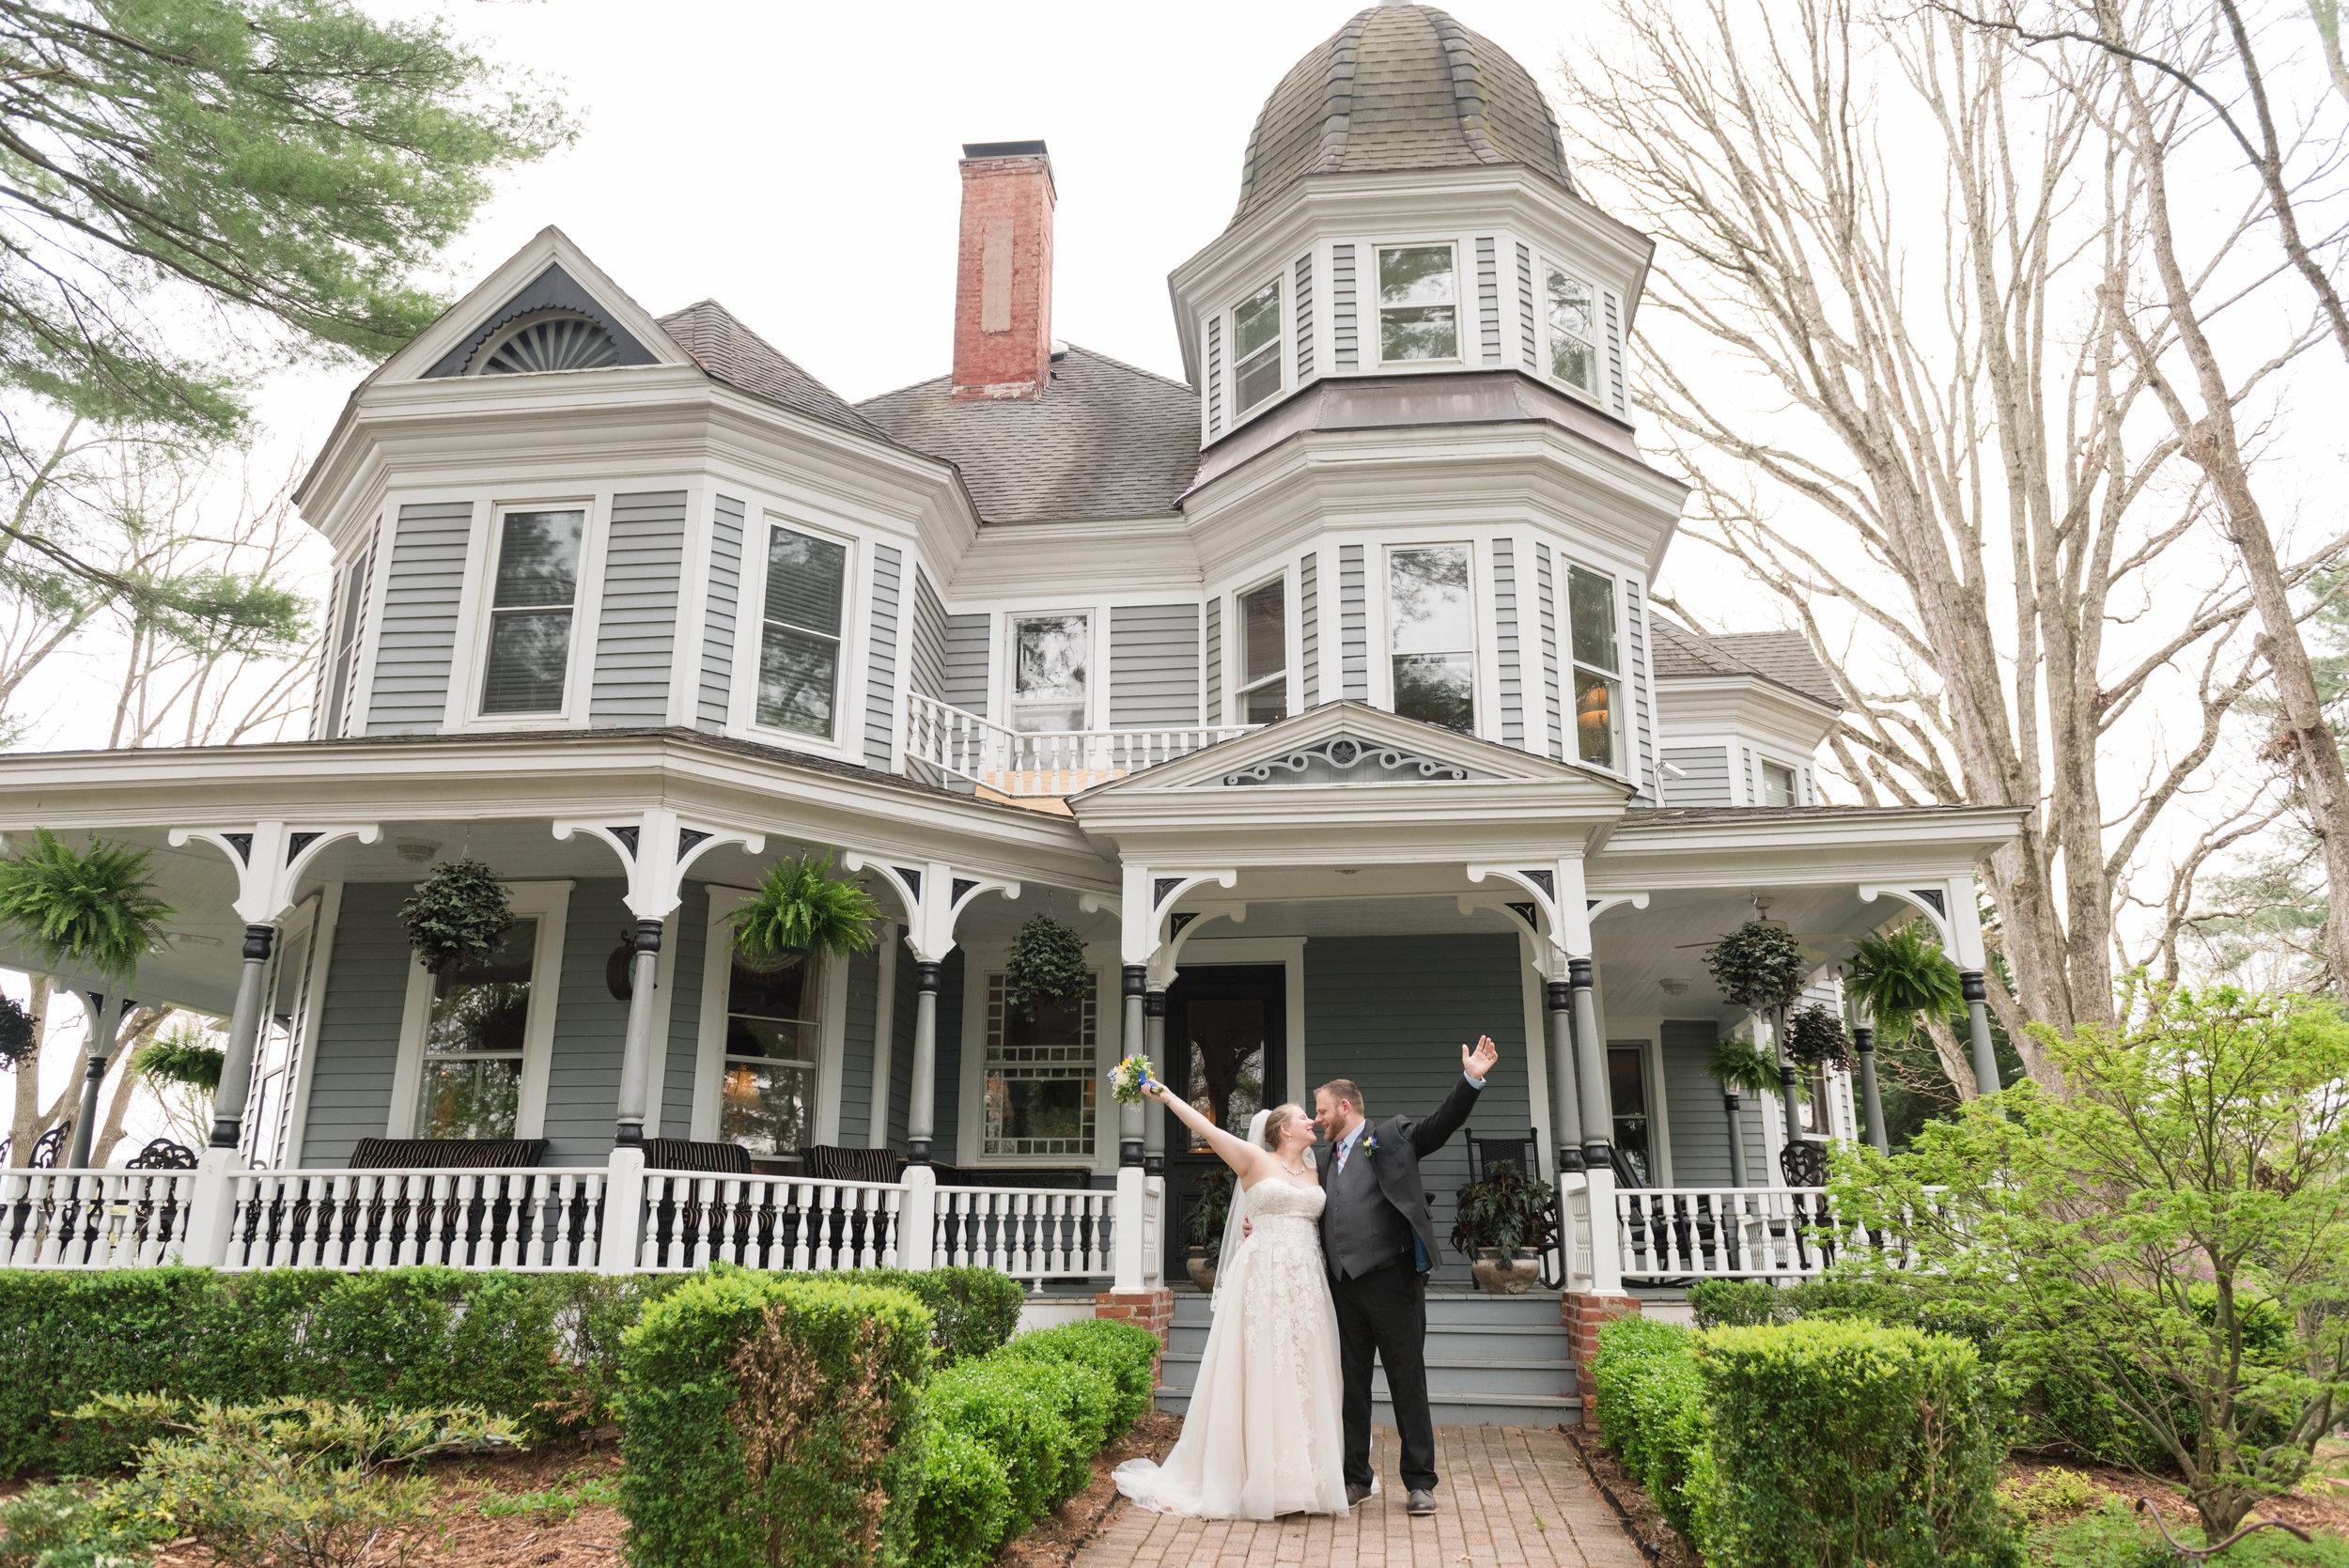 Biltmore-village-inn-weddings-007.jpg